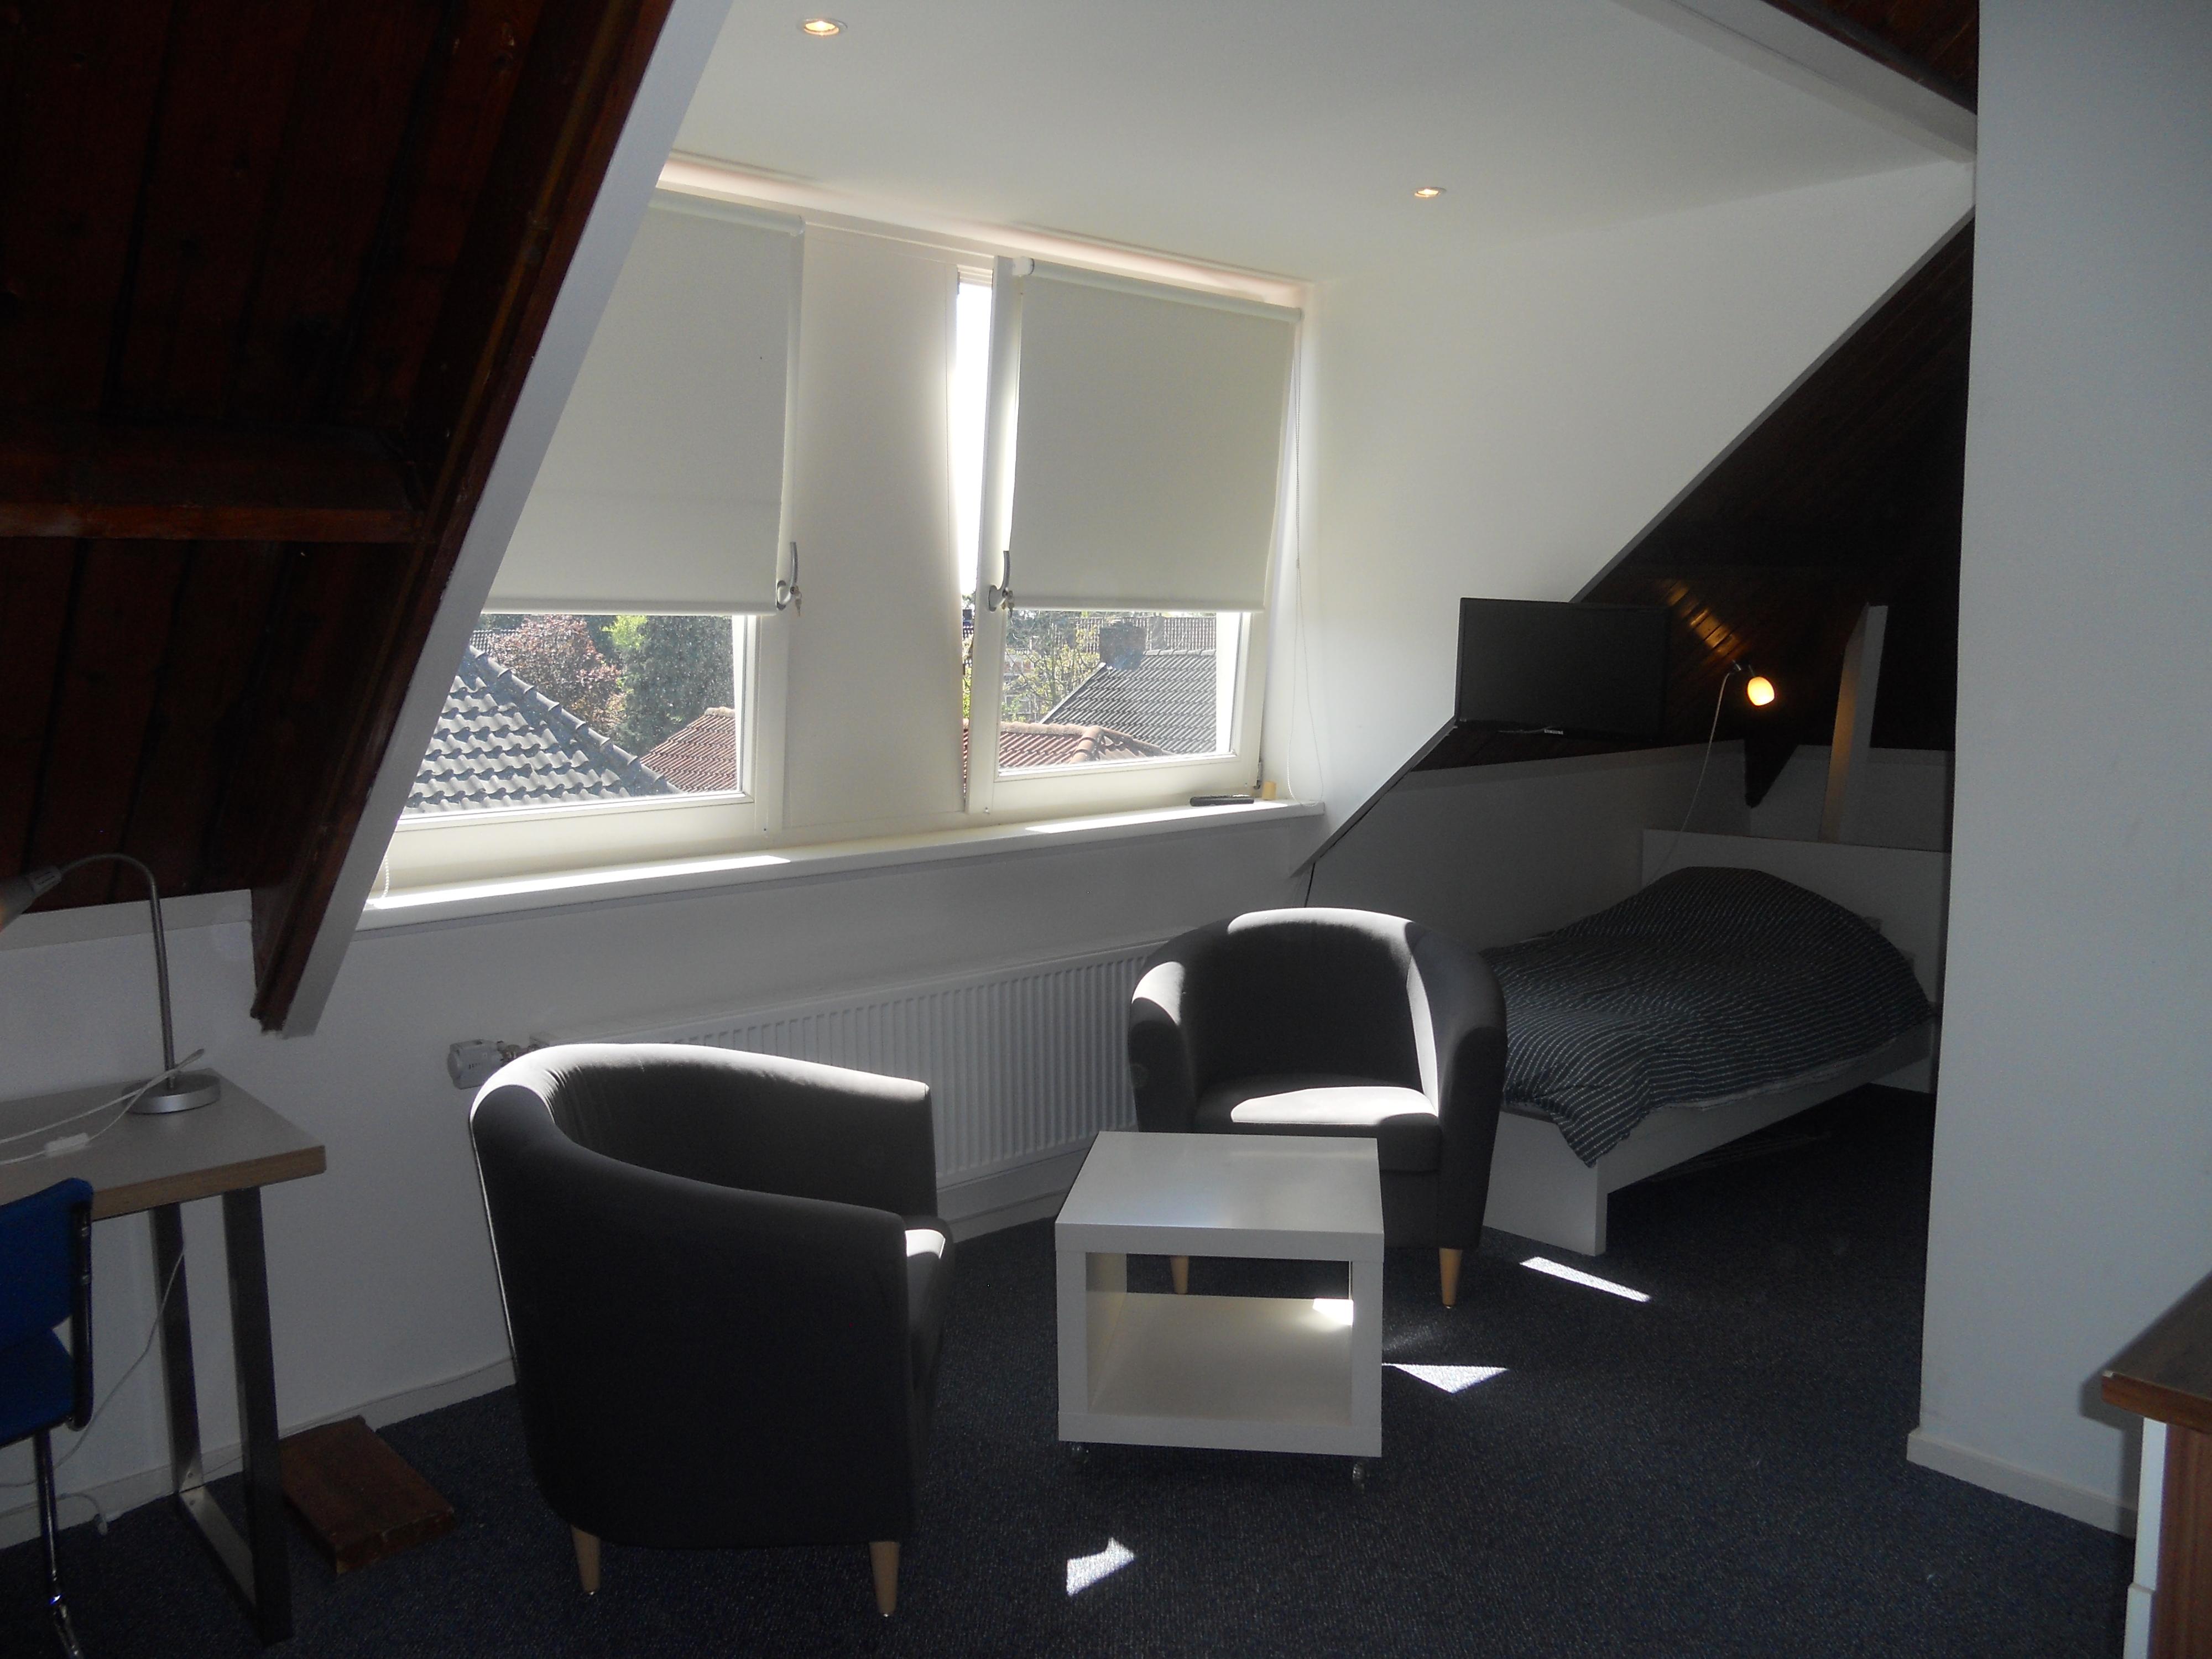 Te huur 3001 7 gemeubileerde studio in het centrumgebied van enschede twents vast enschede - Gemeubileerde studio ...